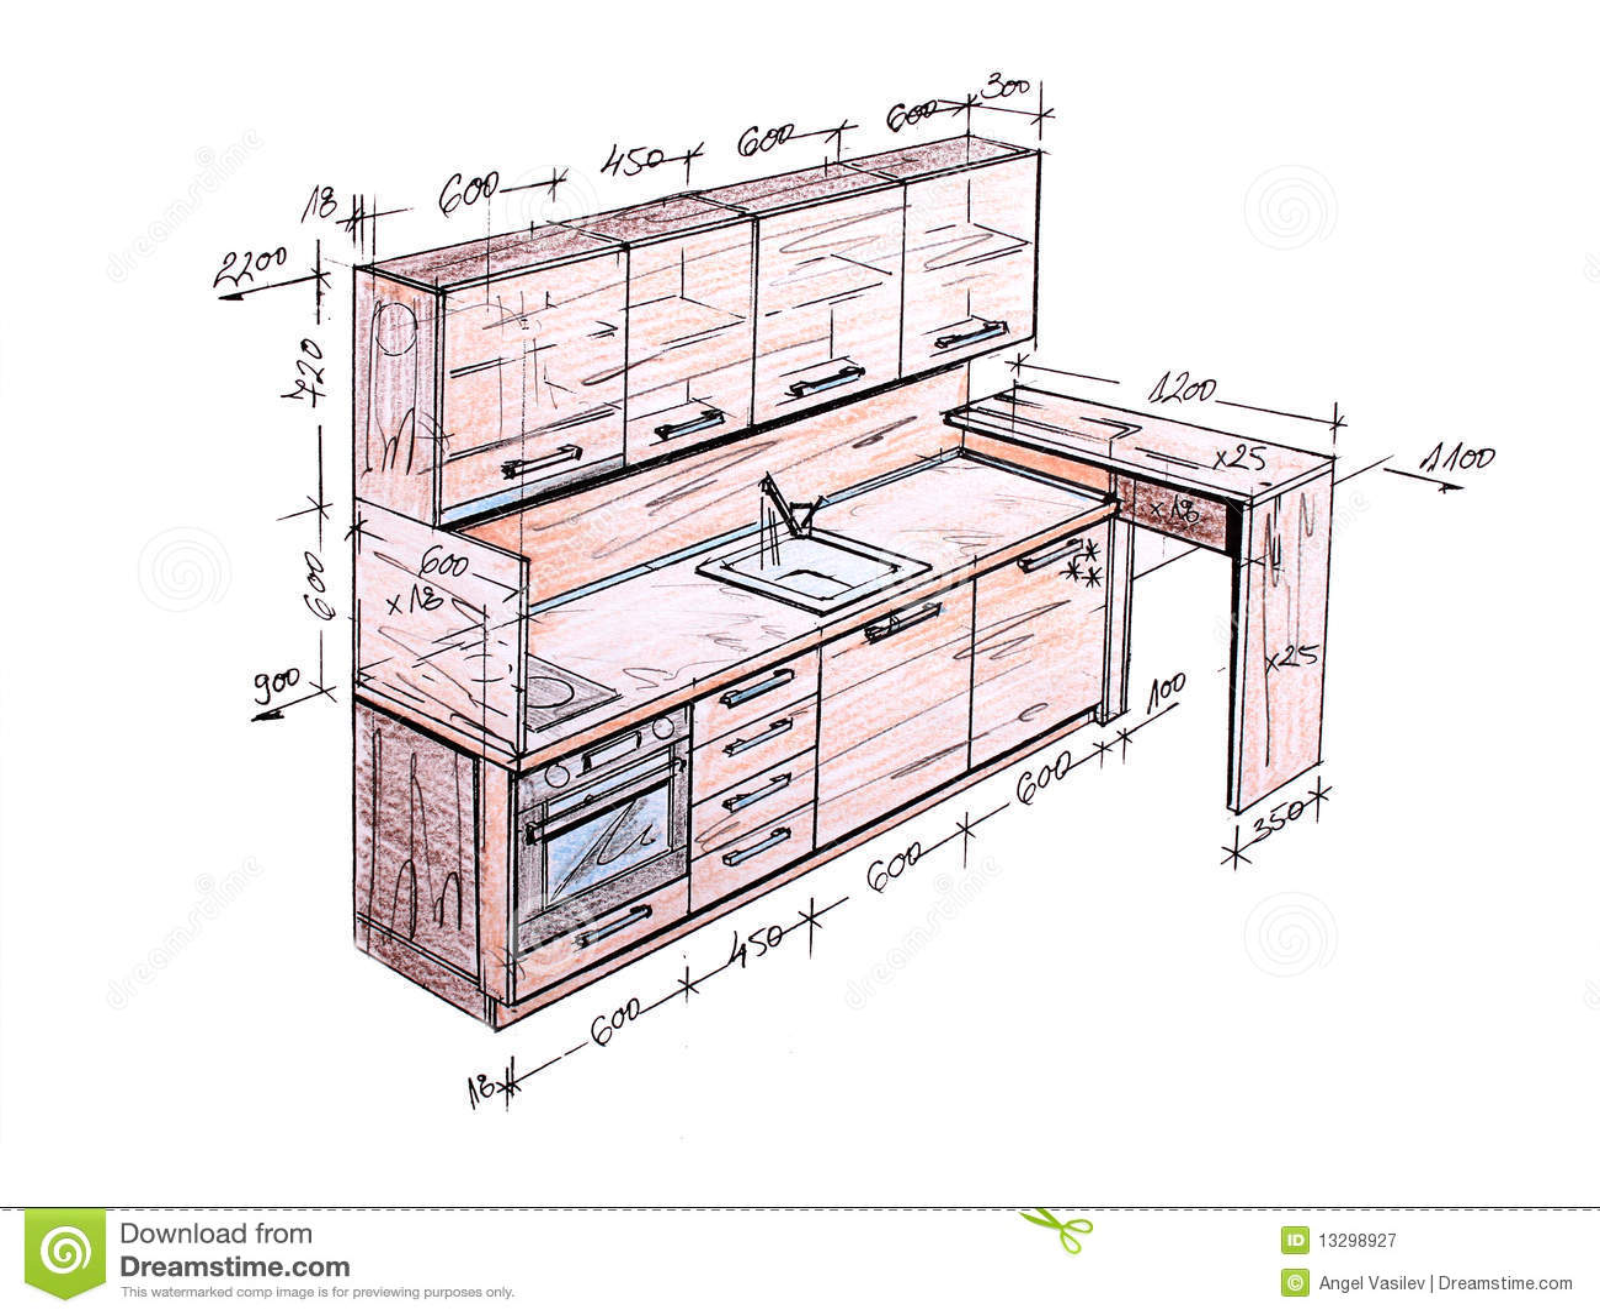 cuisines design industries